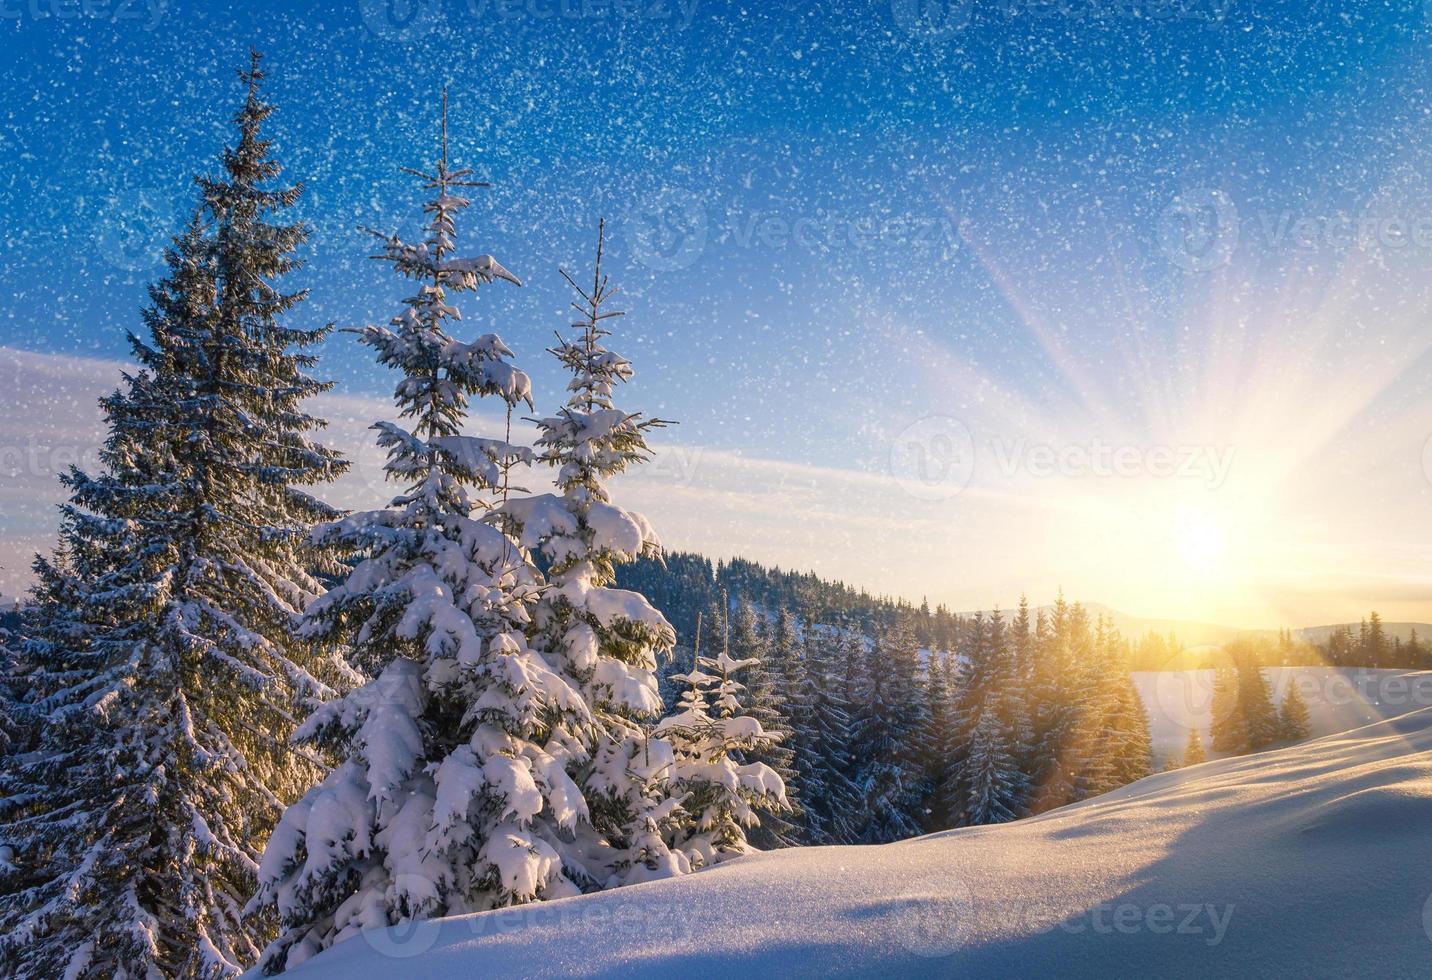 vista de coníferas cubiertas de nieve y copos de nieve al amanecer. foto